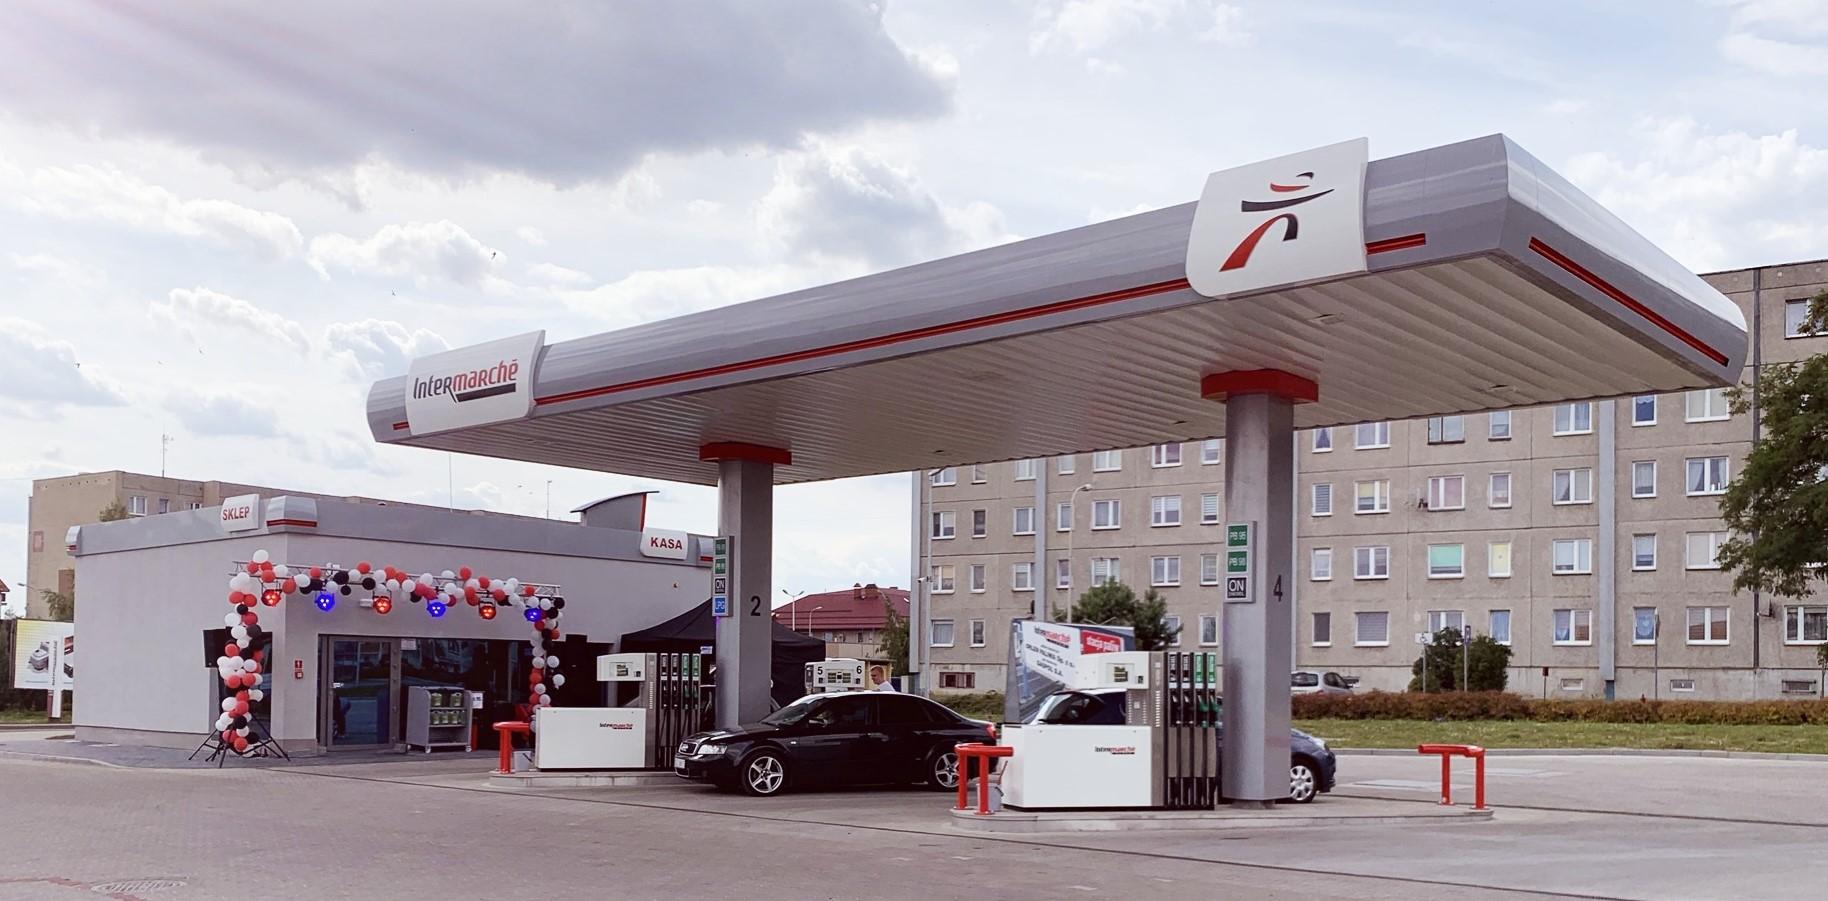 66. stacja paliw z szyldem Intermarché